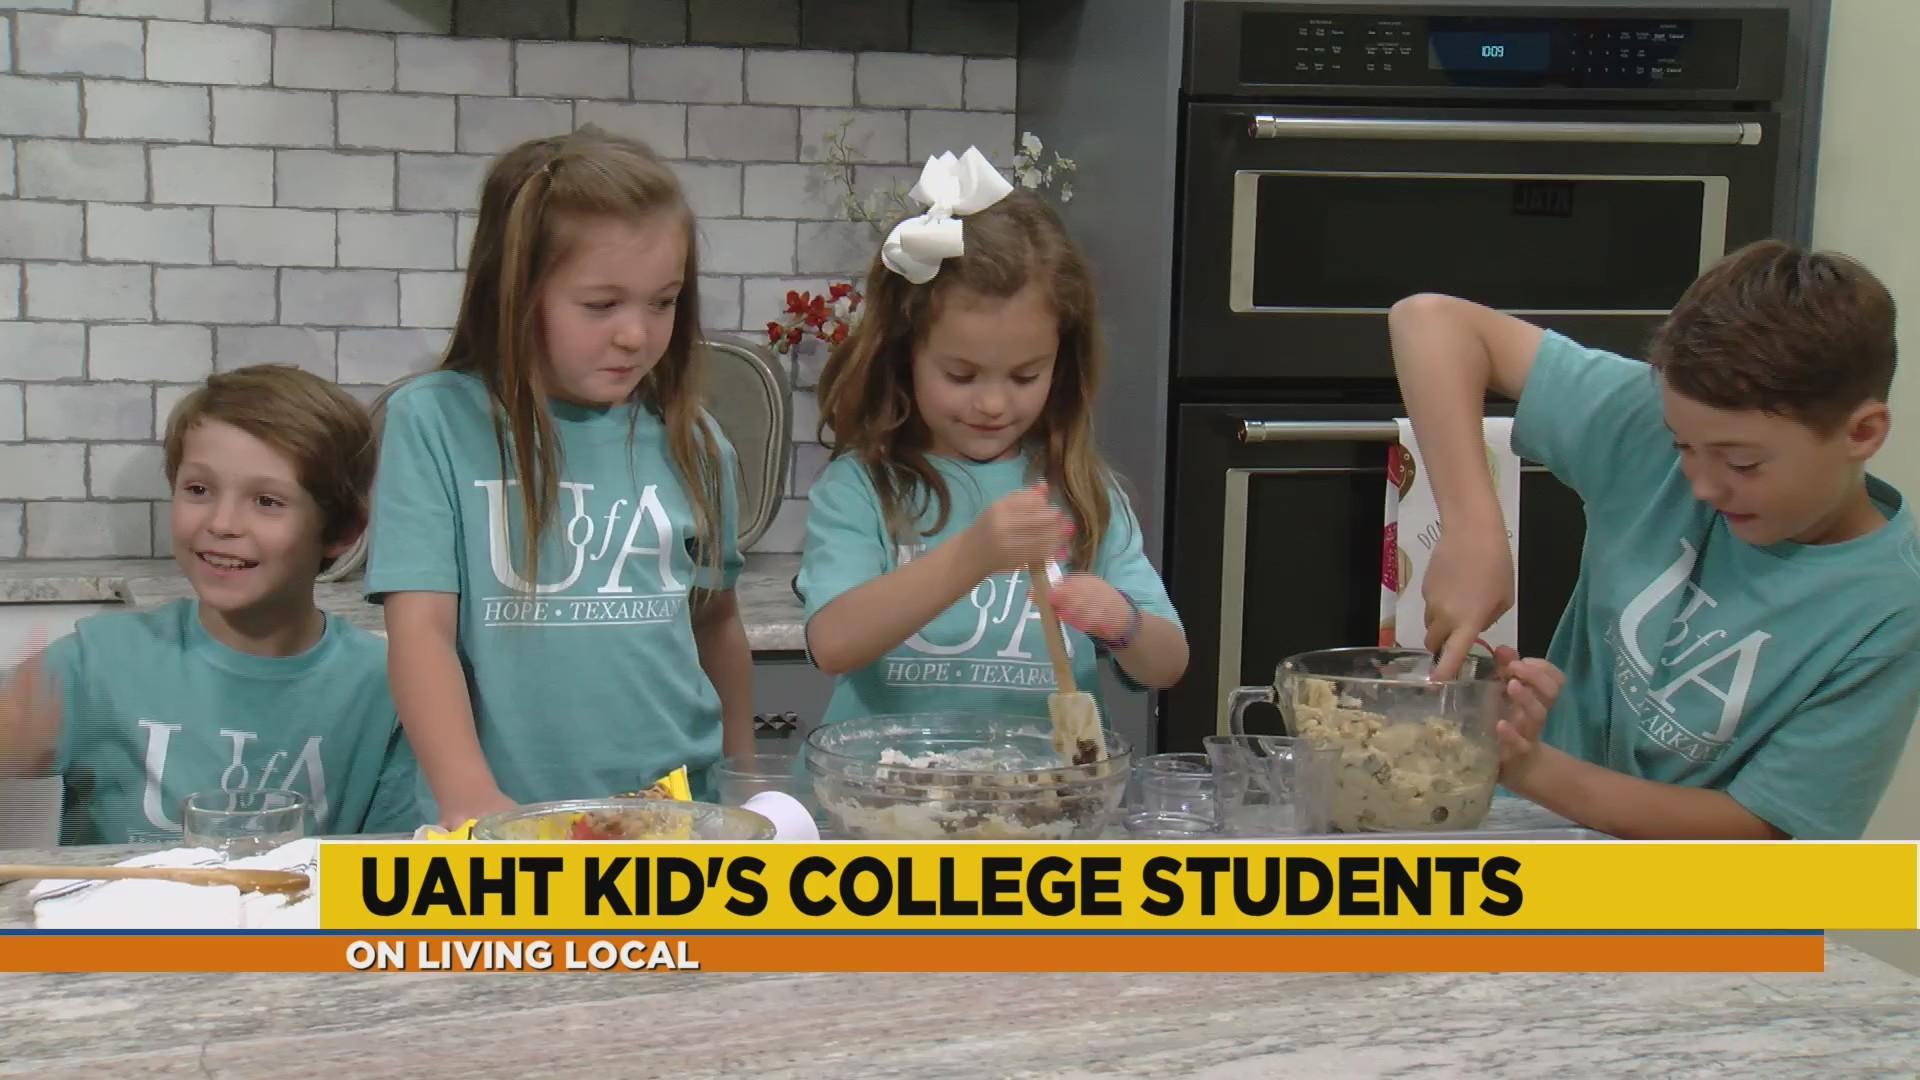 UAHT Kid's College